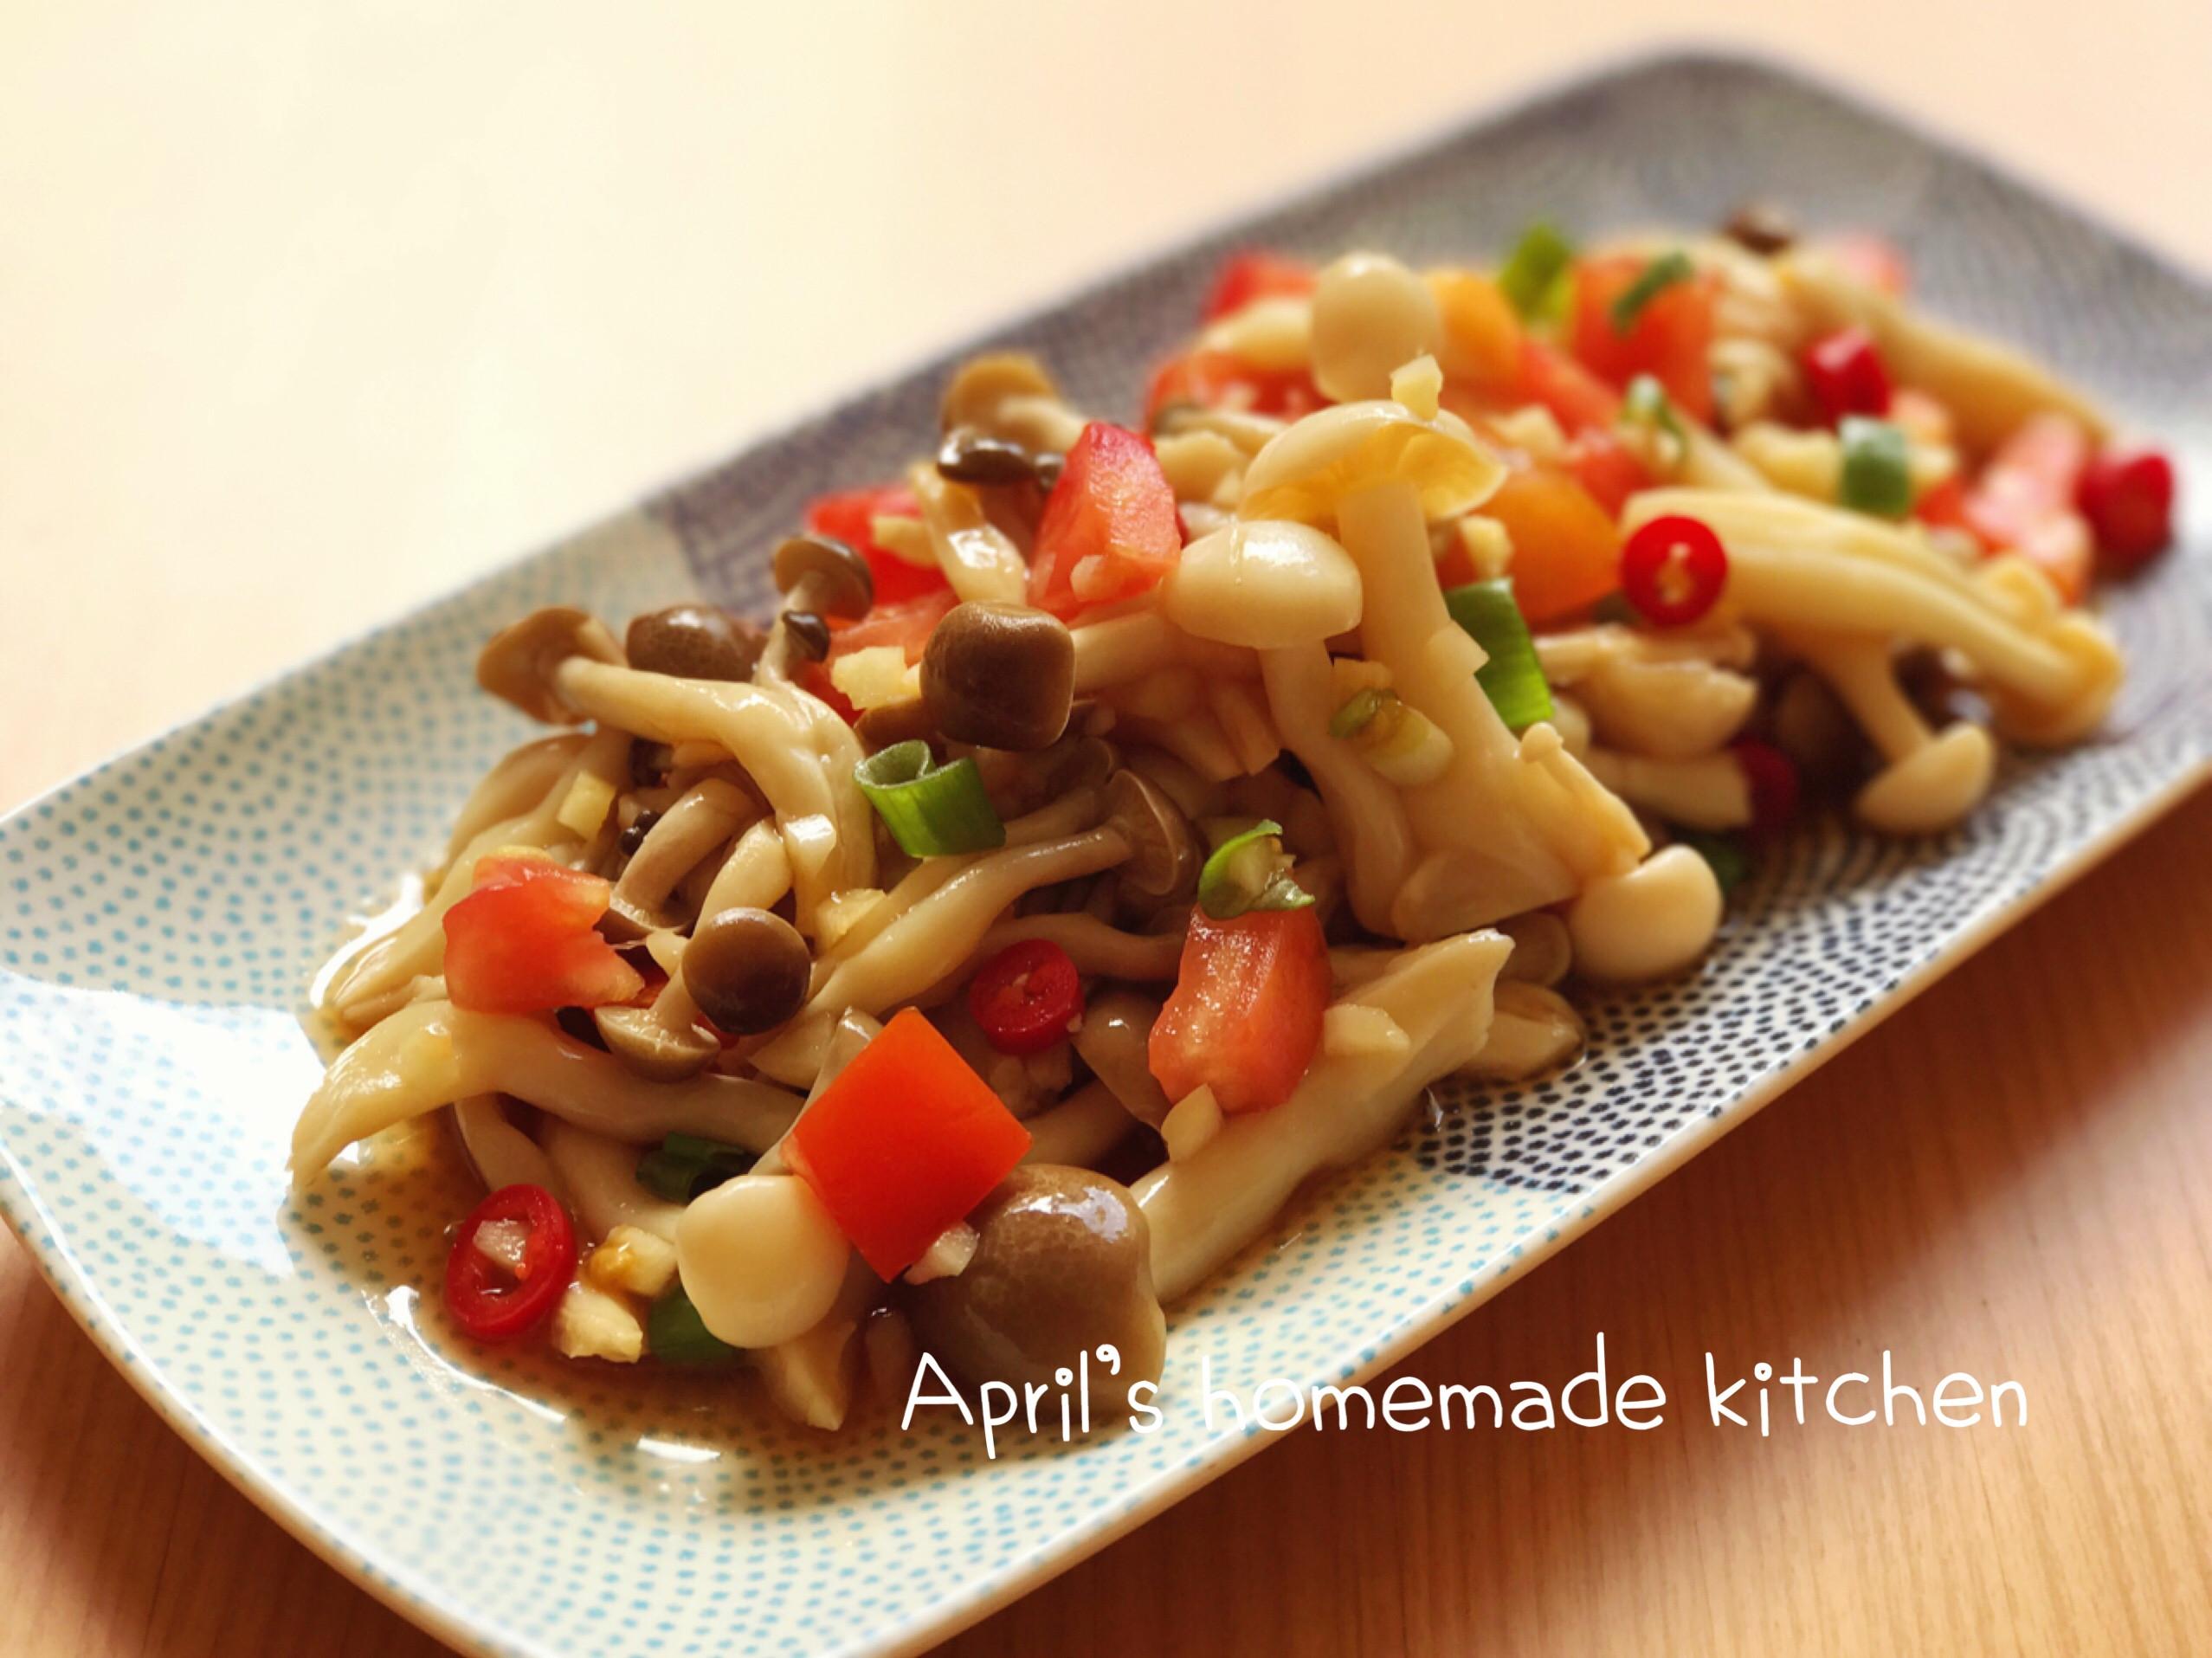 蒜味涼拌鮮菇 15分鐘開胃菜